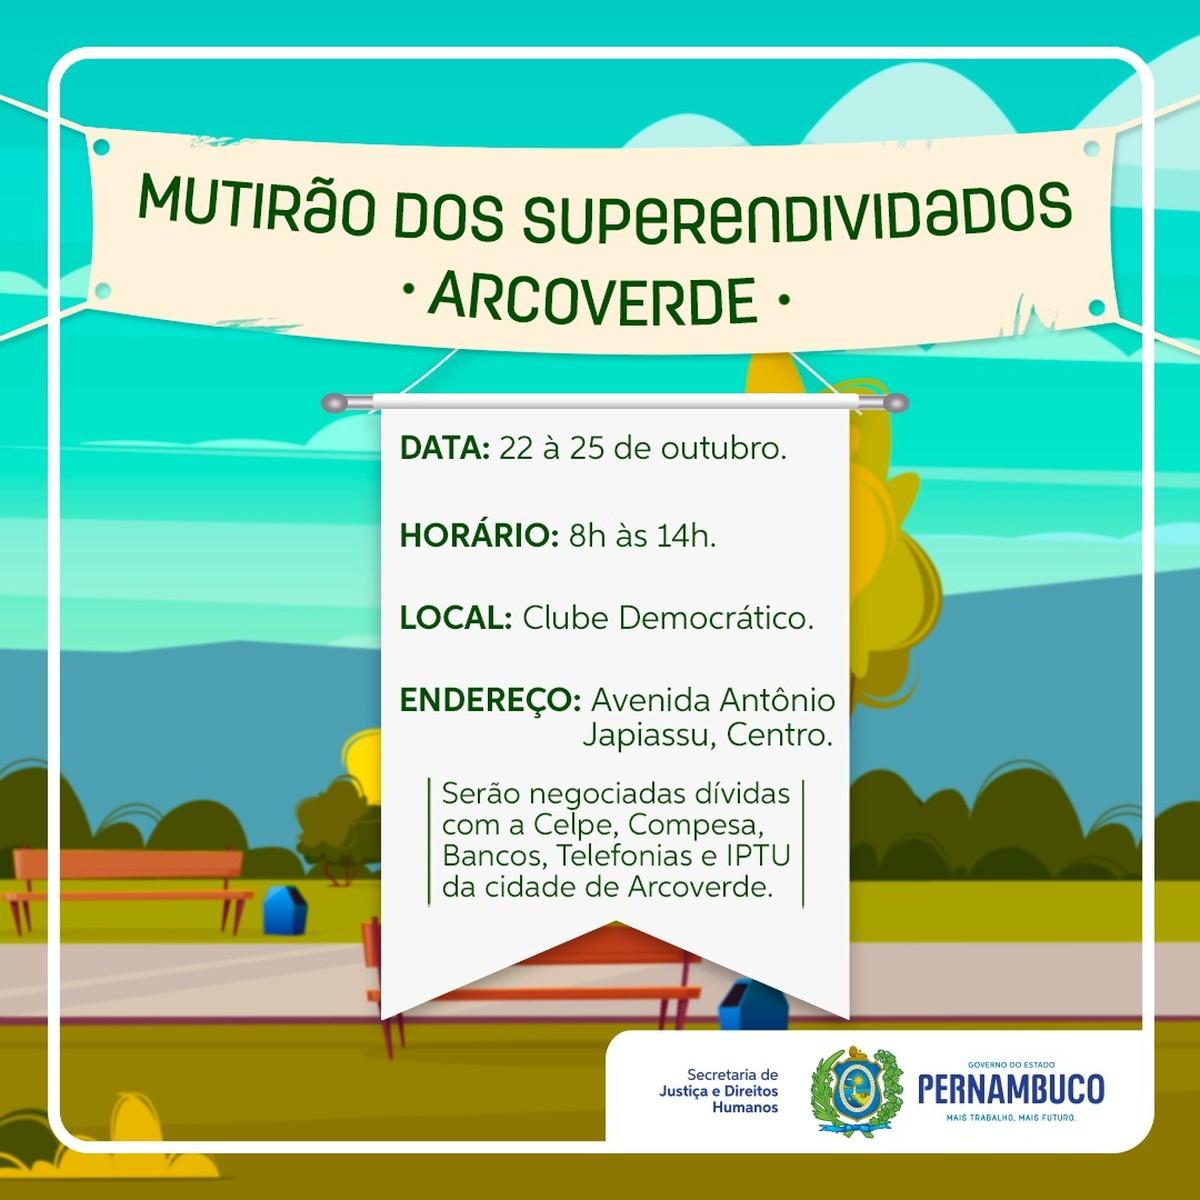 Procon promove 'Mutirão dos Superendividados' em Arcoverde | Caruaru e Região - G1